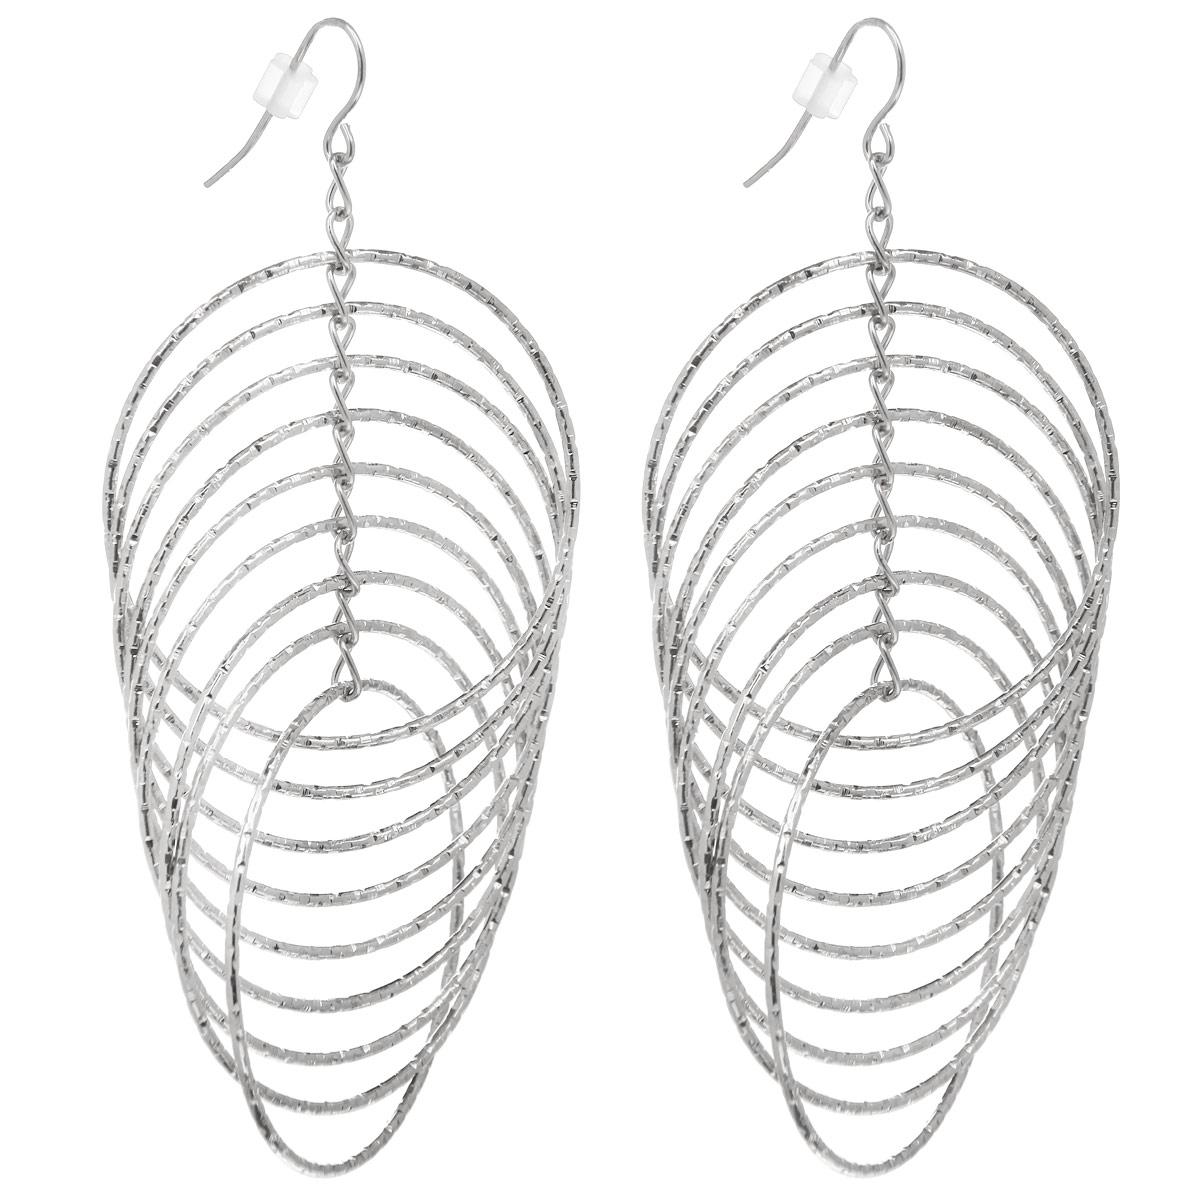 Серьги Taya, цвет: серебристый. T-B-5974T-B-5974-EARR-SILVERОригинальные серьги Taya, выполненные из гипоаллергенного сплава на основе латуни, не оставят равнодушной ни одну любительницу изысканных и необычных украшений. Серьги выполнены в этническом стиле в виде множества колец, которые пересекаются друг с другом. Имеют замок-петлю. Такие серьги позволят вам с легкостью воплотить самую смелую фантазию и создать собственный, неповторимый образ.